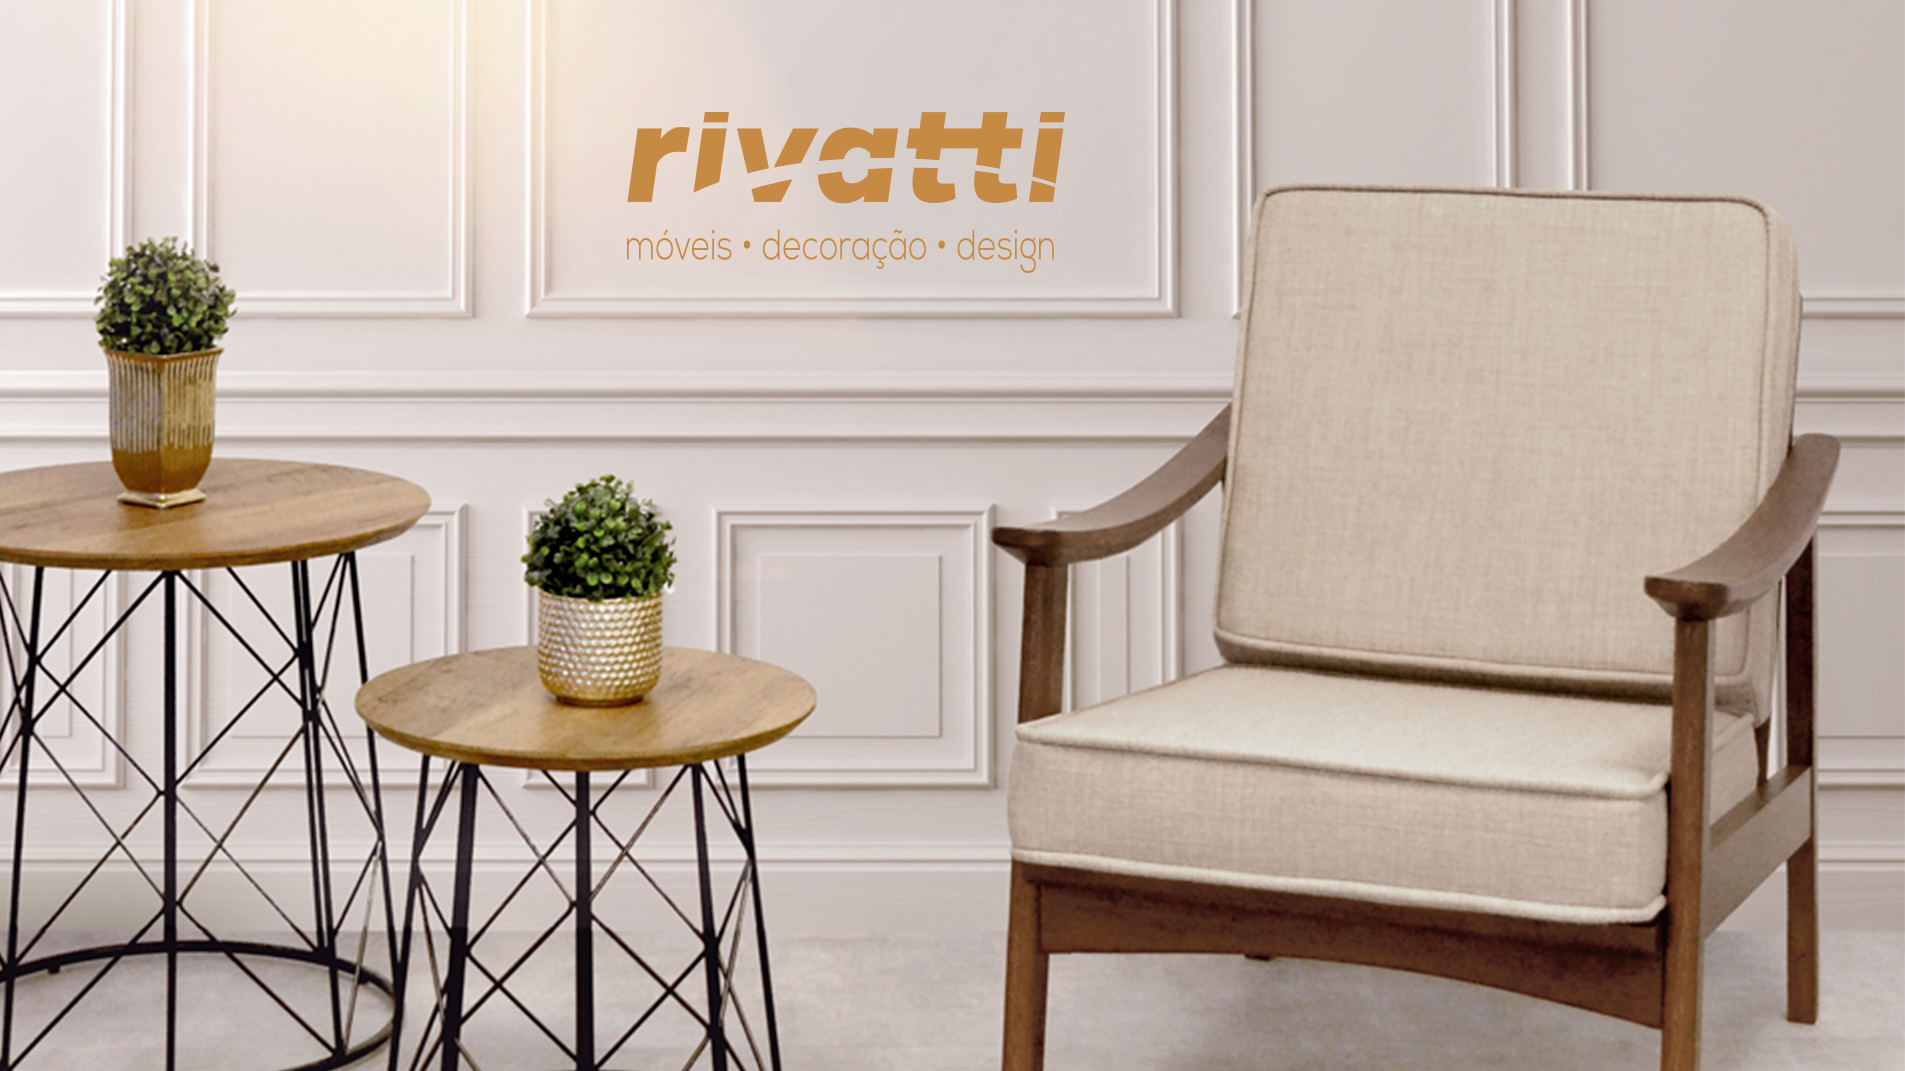 Rivatti